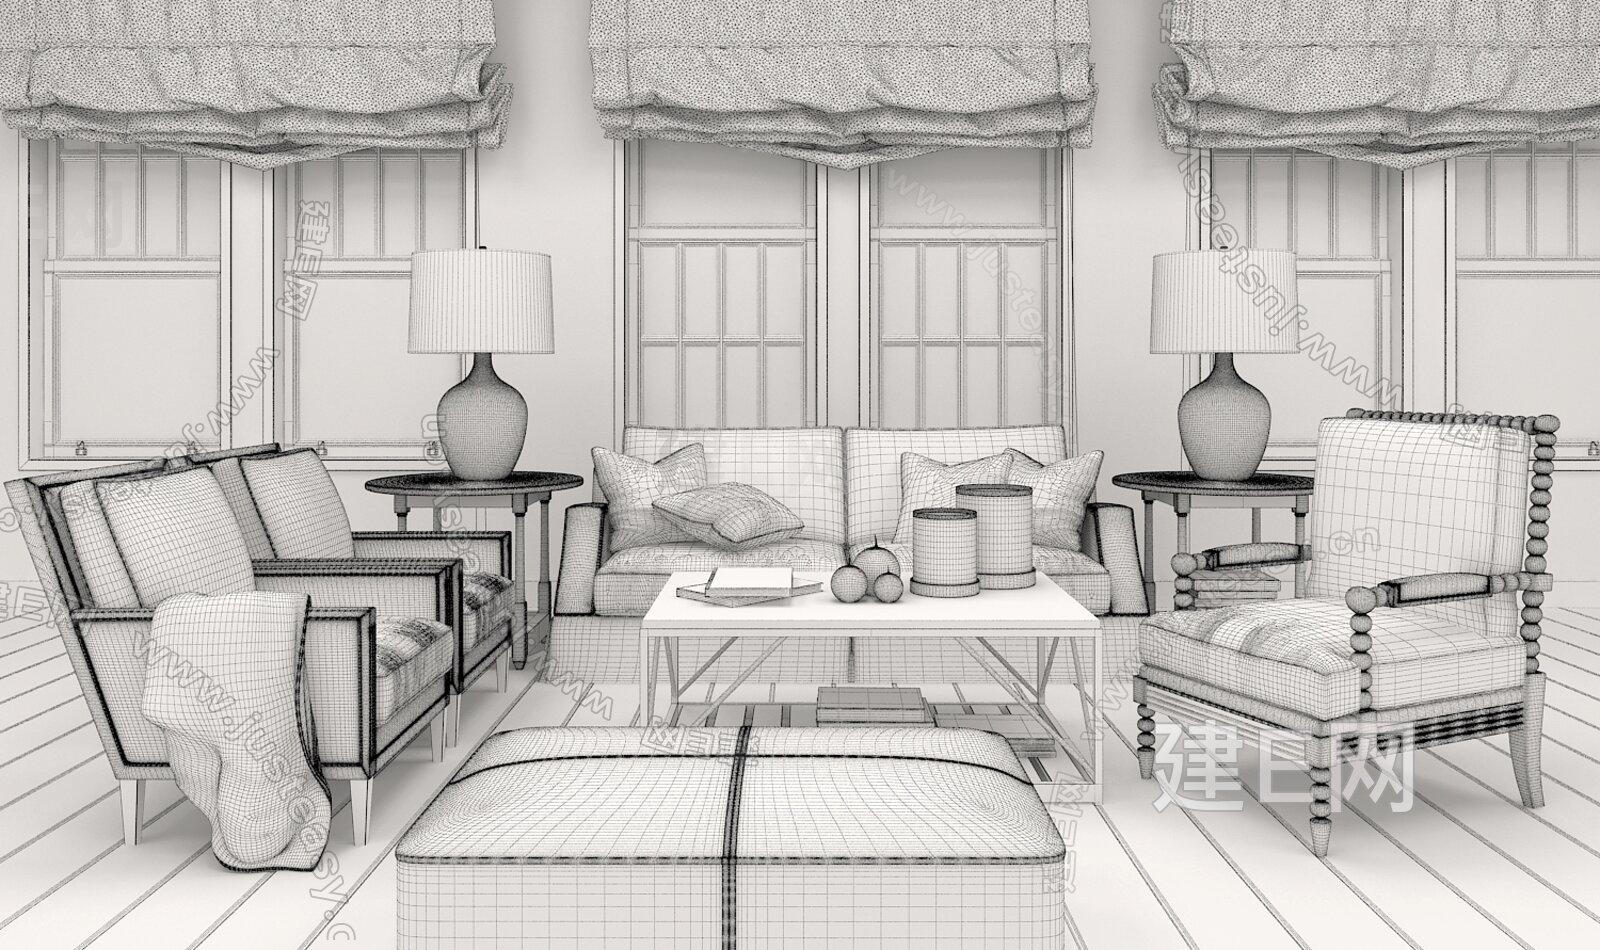 工业沙发的结构素描